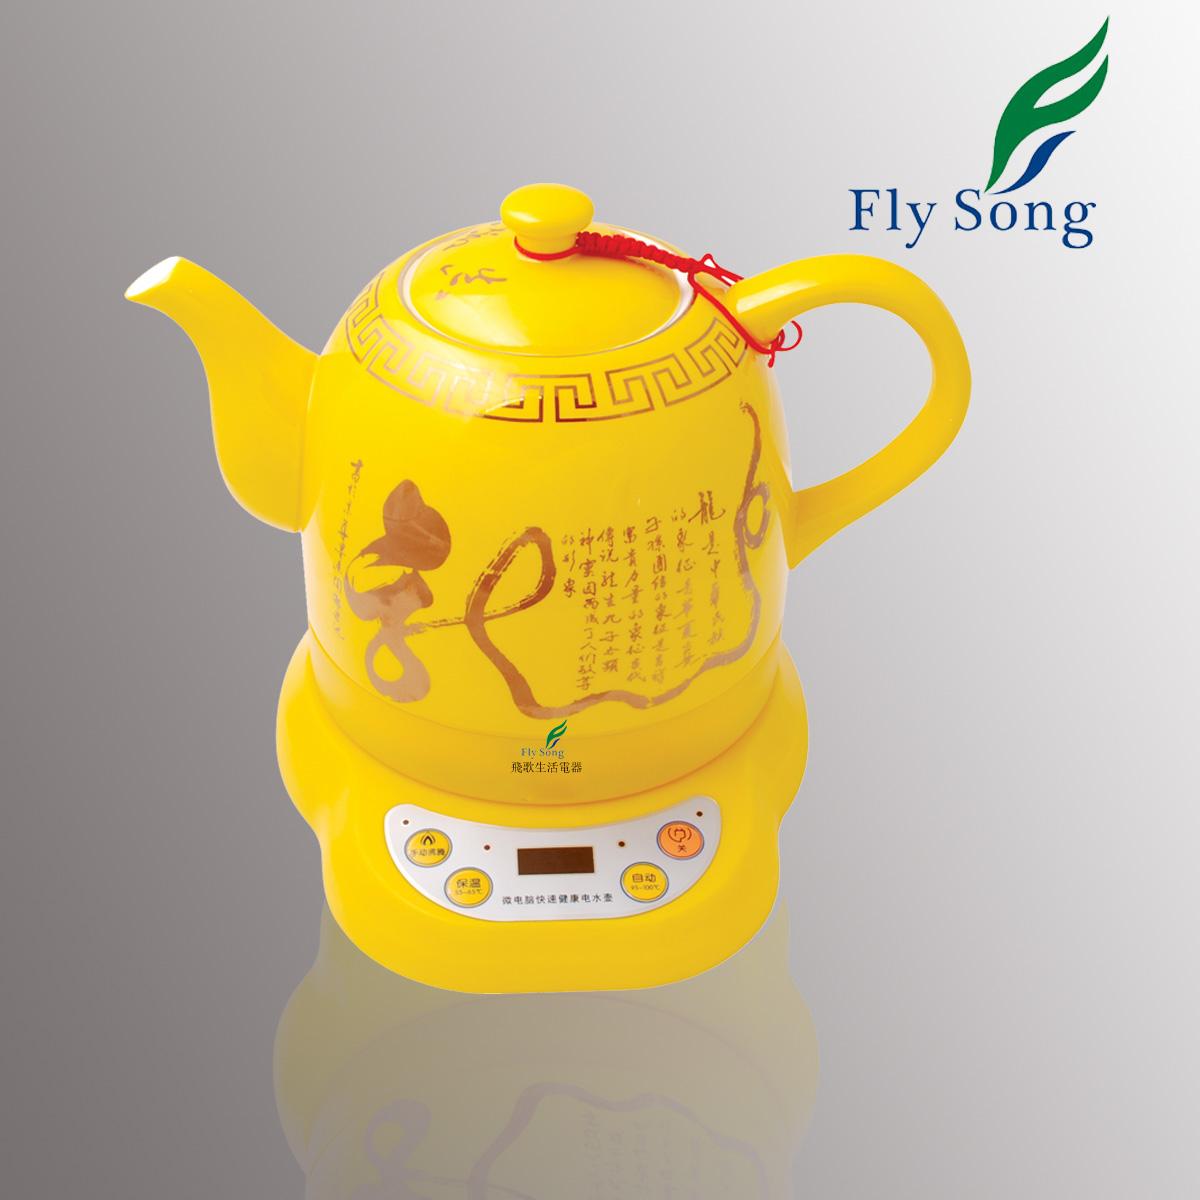 其它型号底盘加热陶瓷电热水壶不锈钢电水壶 厨房电器 茶壶 保温